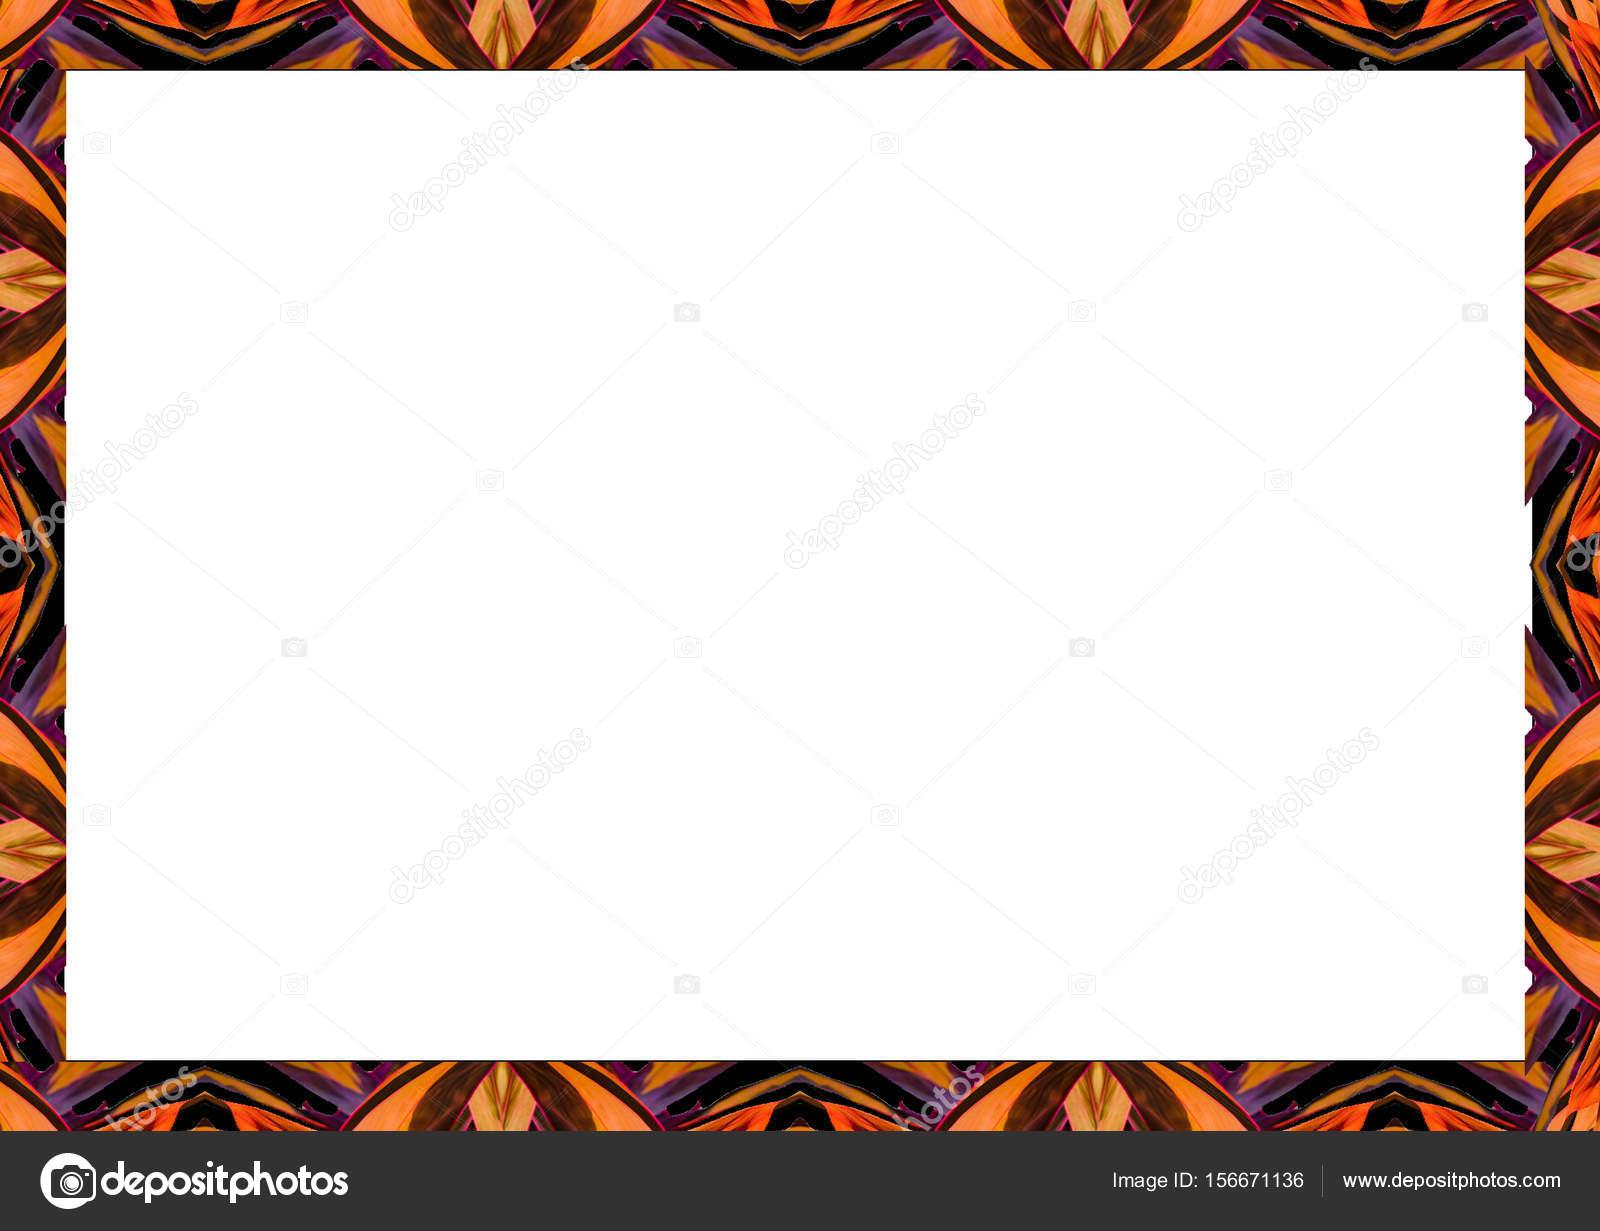 Marco blanco con decorado fronteras tribales — Fotos de Stock ...